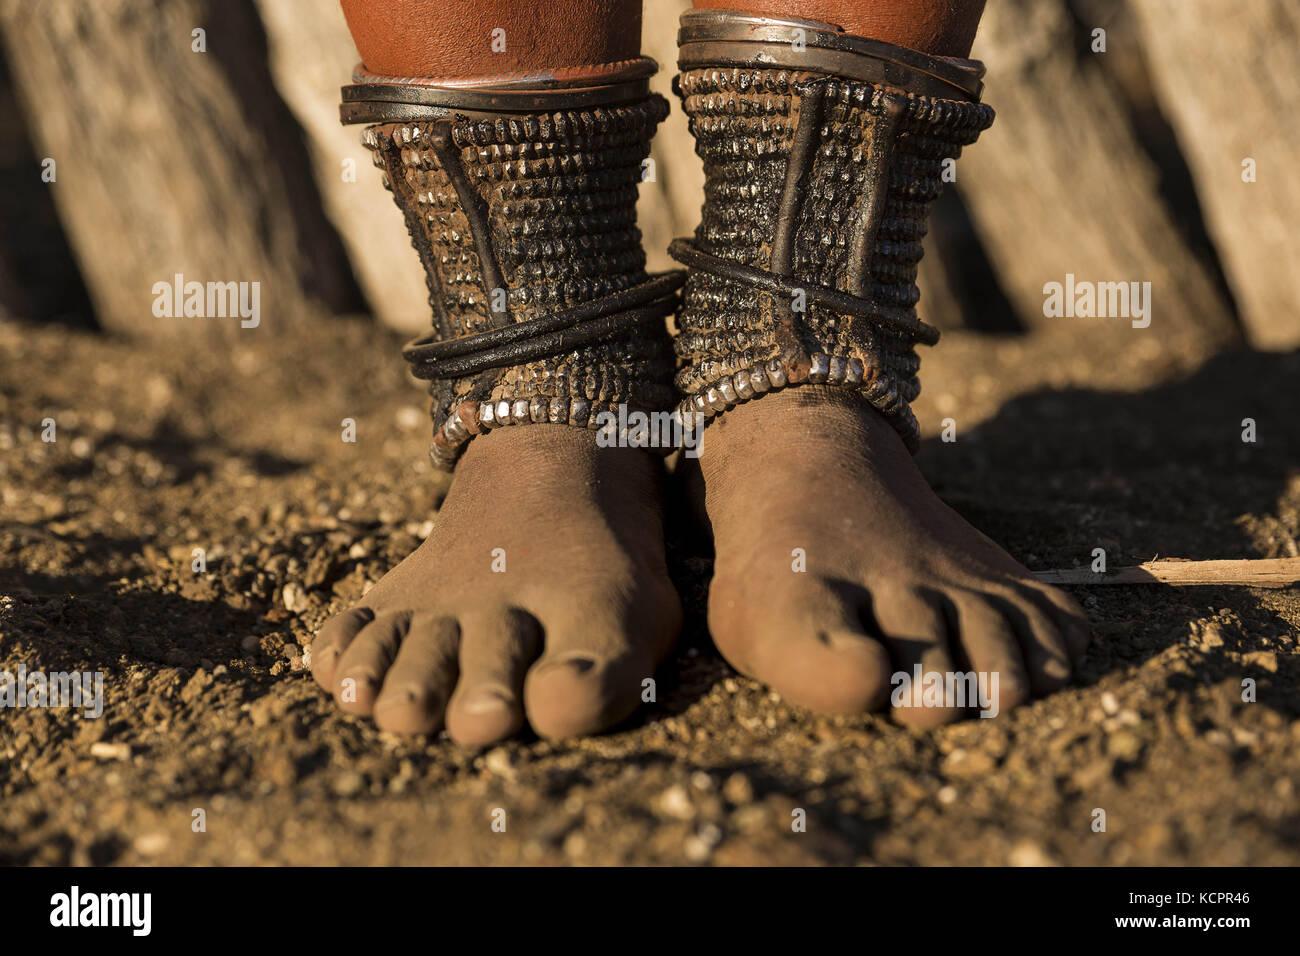 Angola. 24 de julio de 2016. Las mujeres adultas de Himba han adorado anklets (Omohanga) que les ayudan a esconder su dinero. Los anklets también protegen las piernas de mordeduras de animales venenosos. Crédito: Tariq Zaidi/ZUMA Wire/Alamy Live News Foto de stock